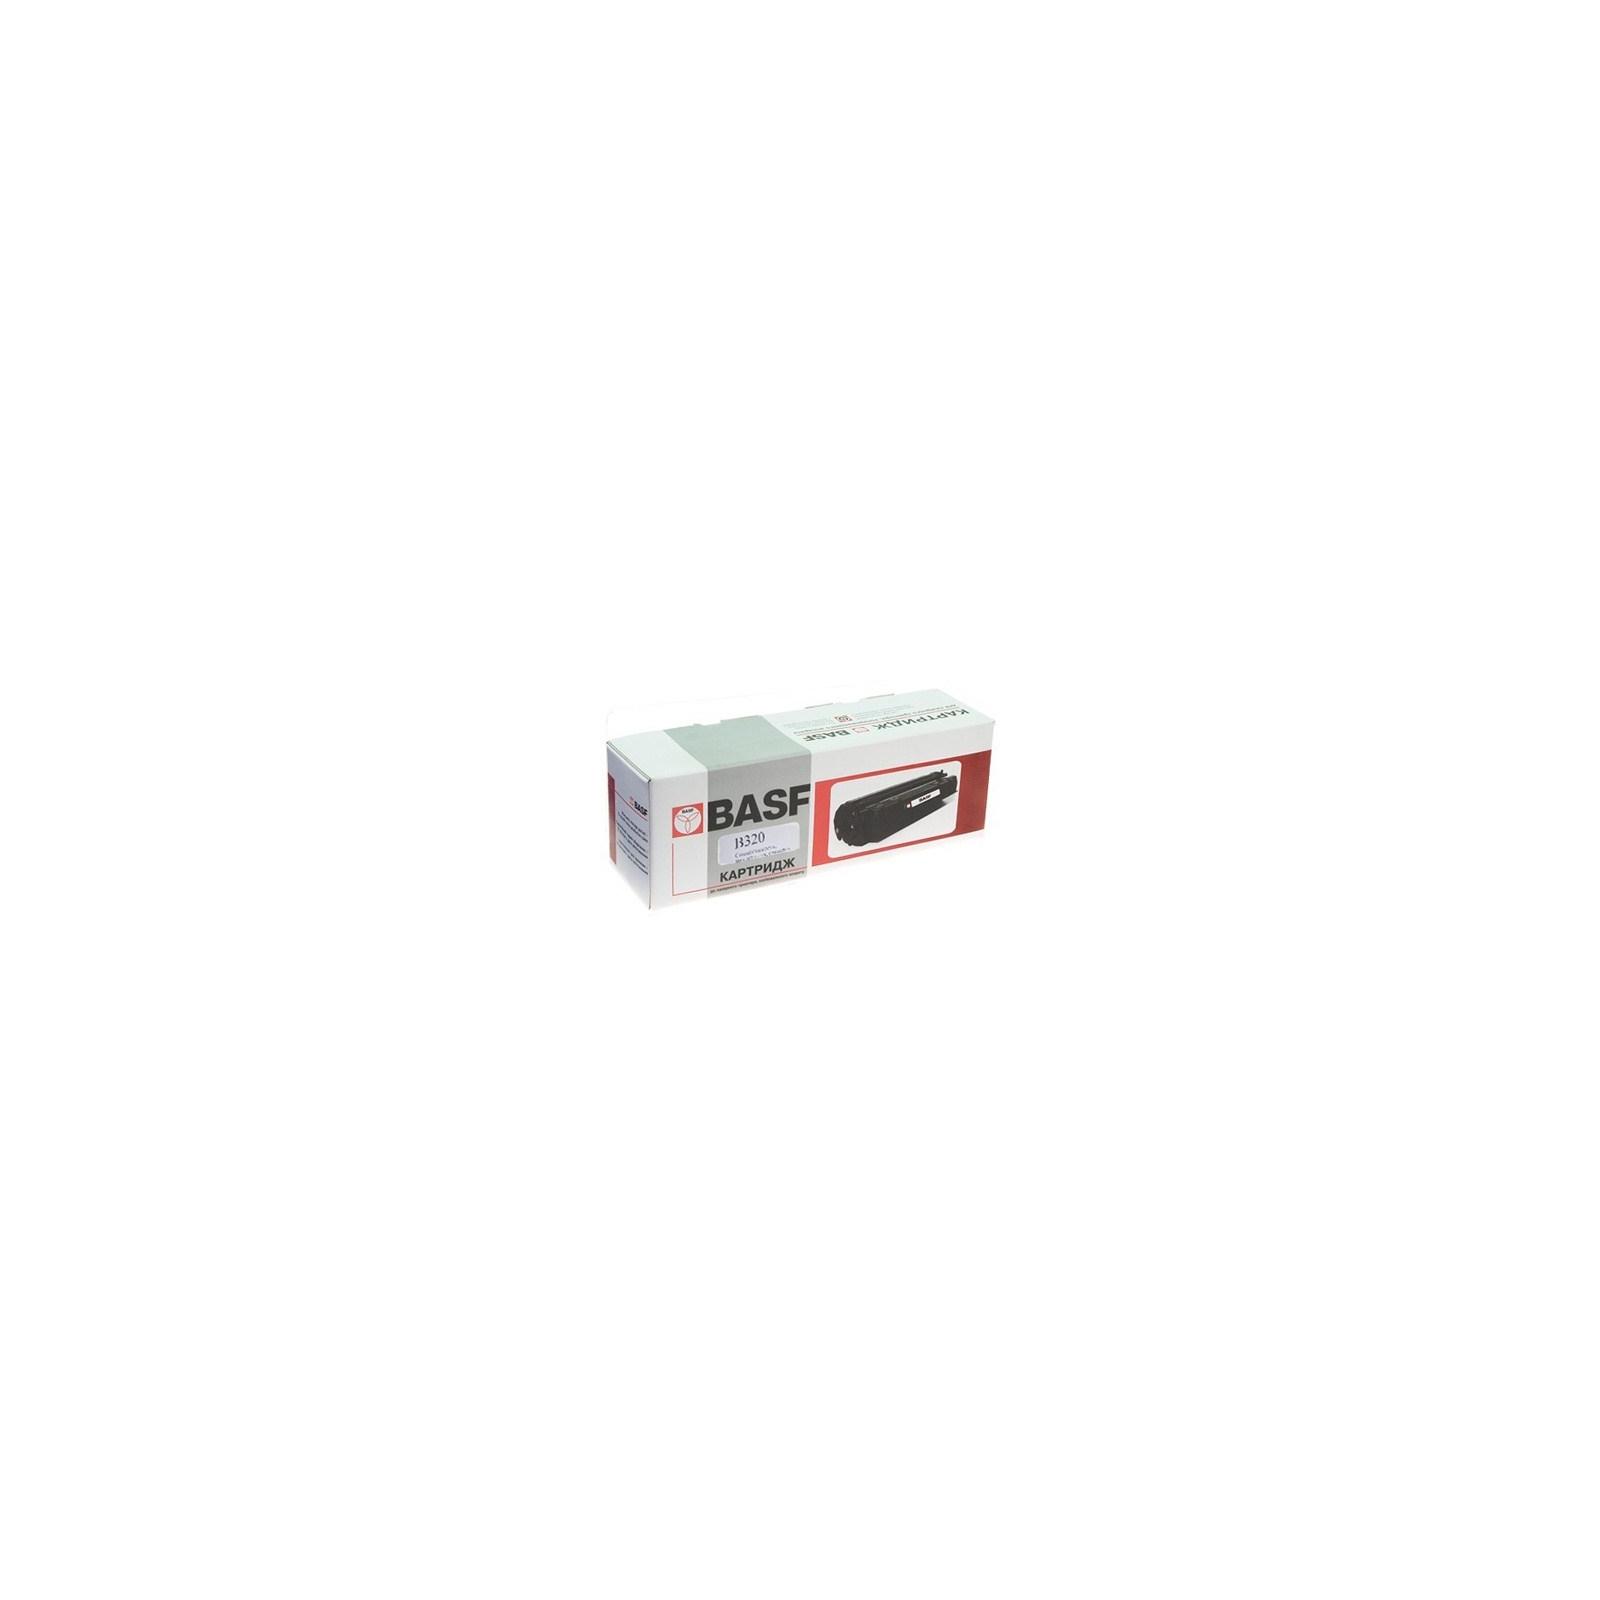 Картридж BASF для HP CLJ CP1525n/CM1415fn Black (B320)